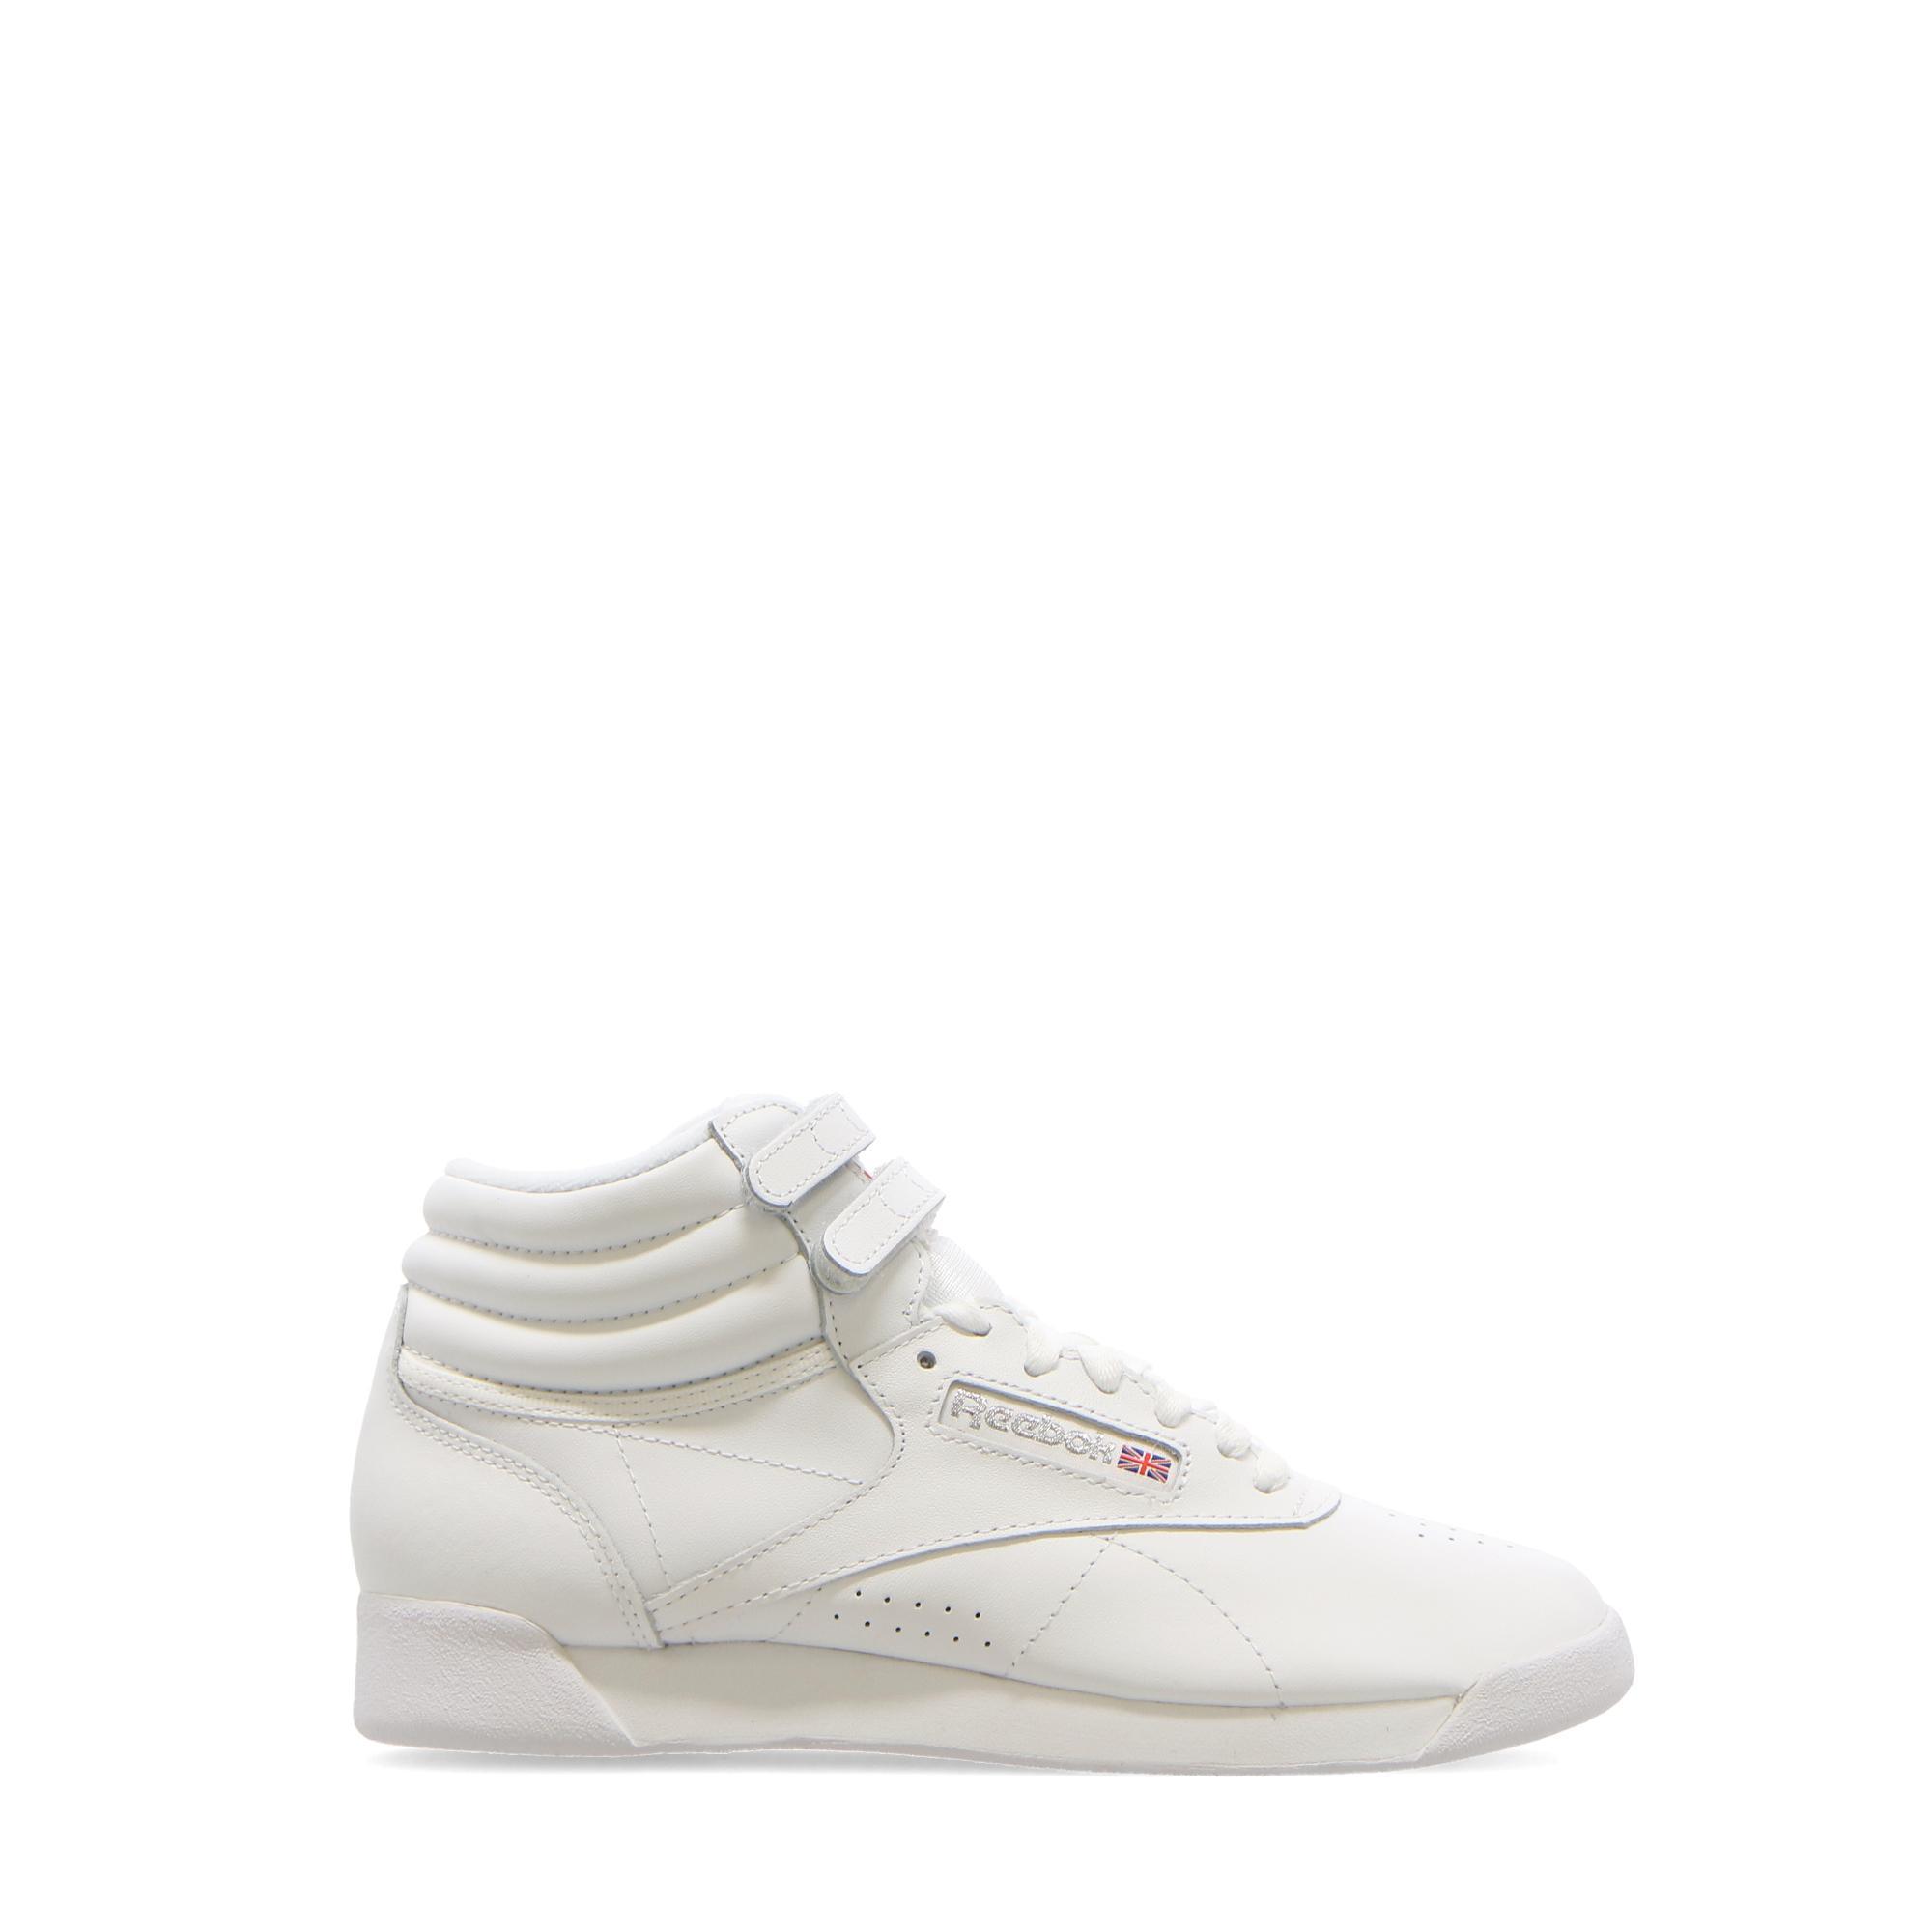 Reebok F/s Hi White silver